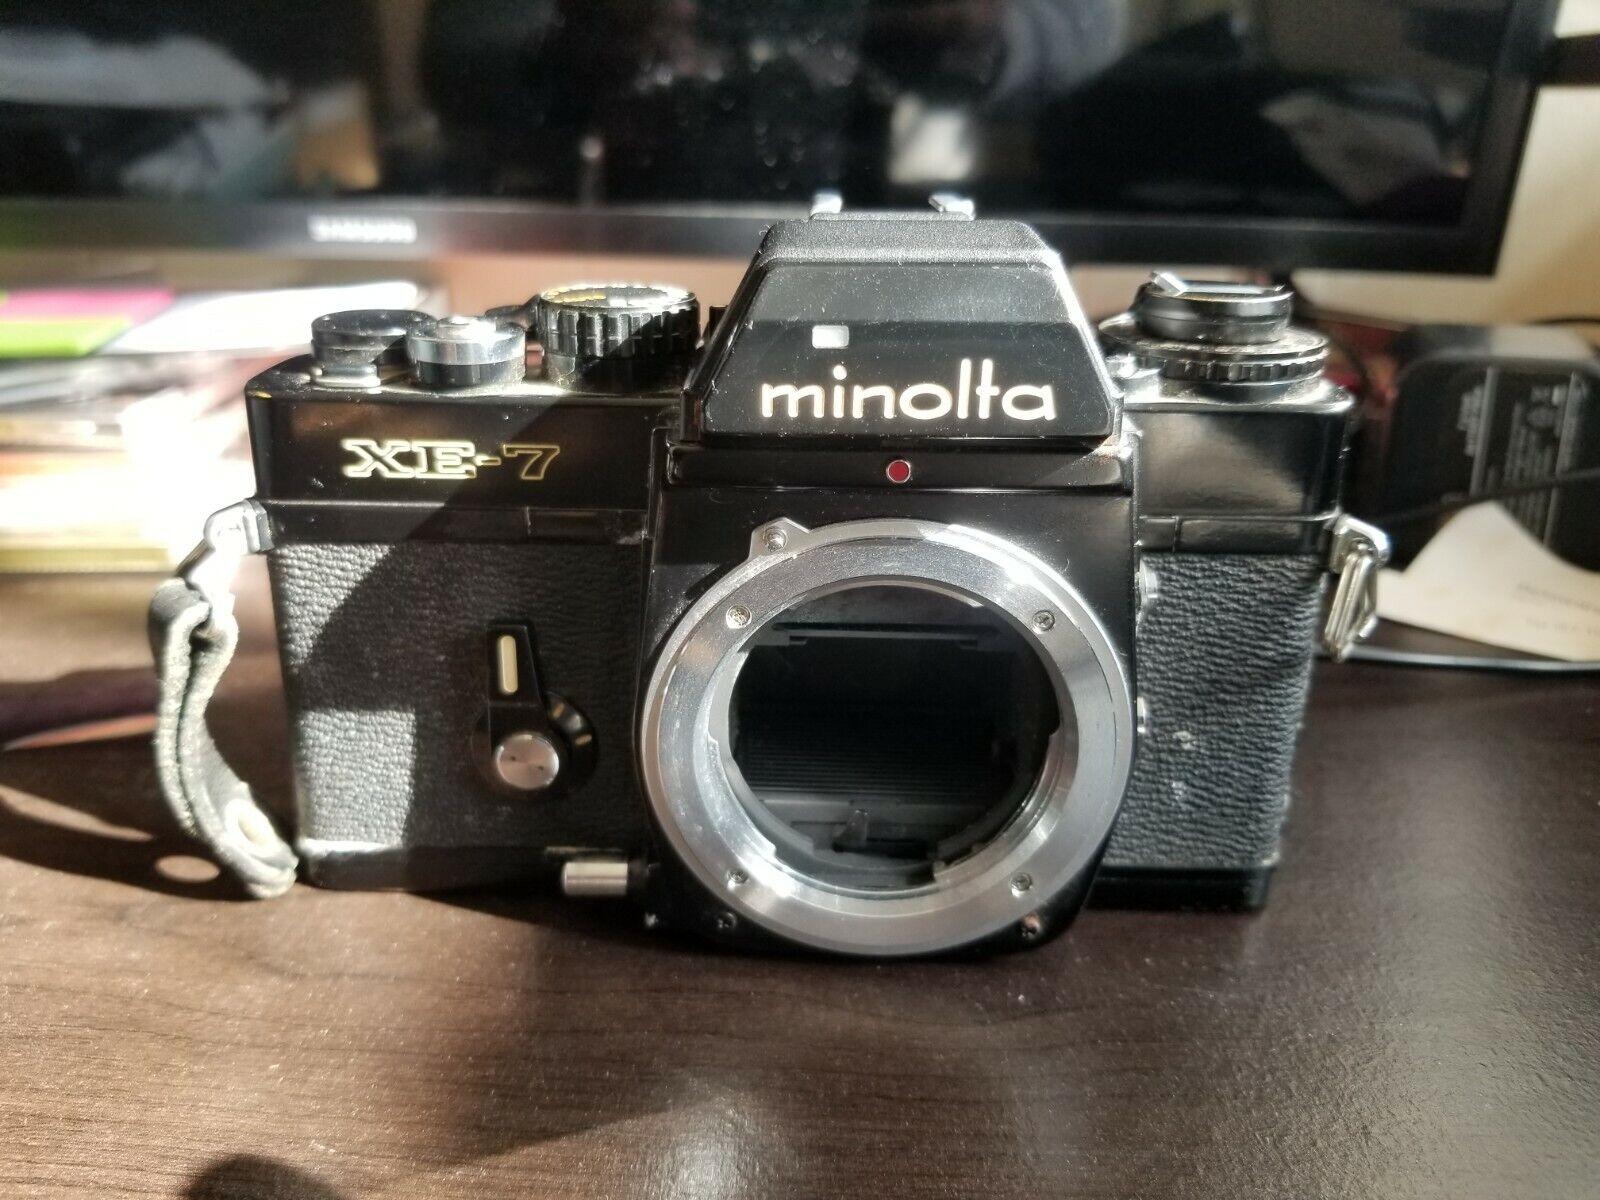 Minolta XE-7 35mm SLR Film Camera For Parts - $5.00